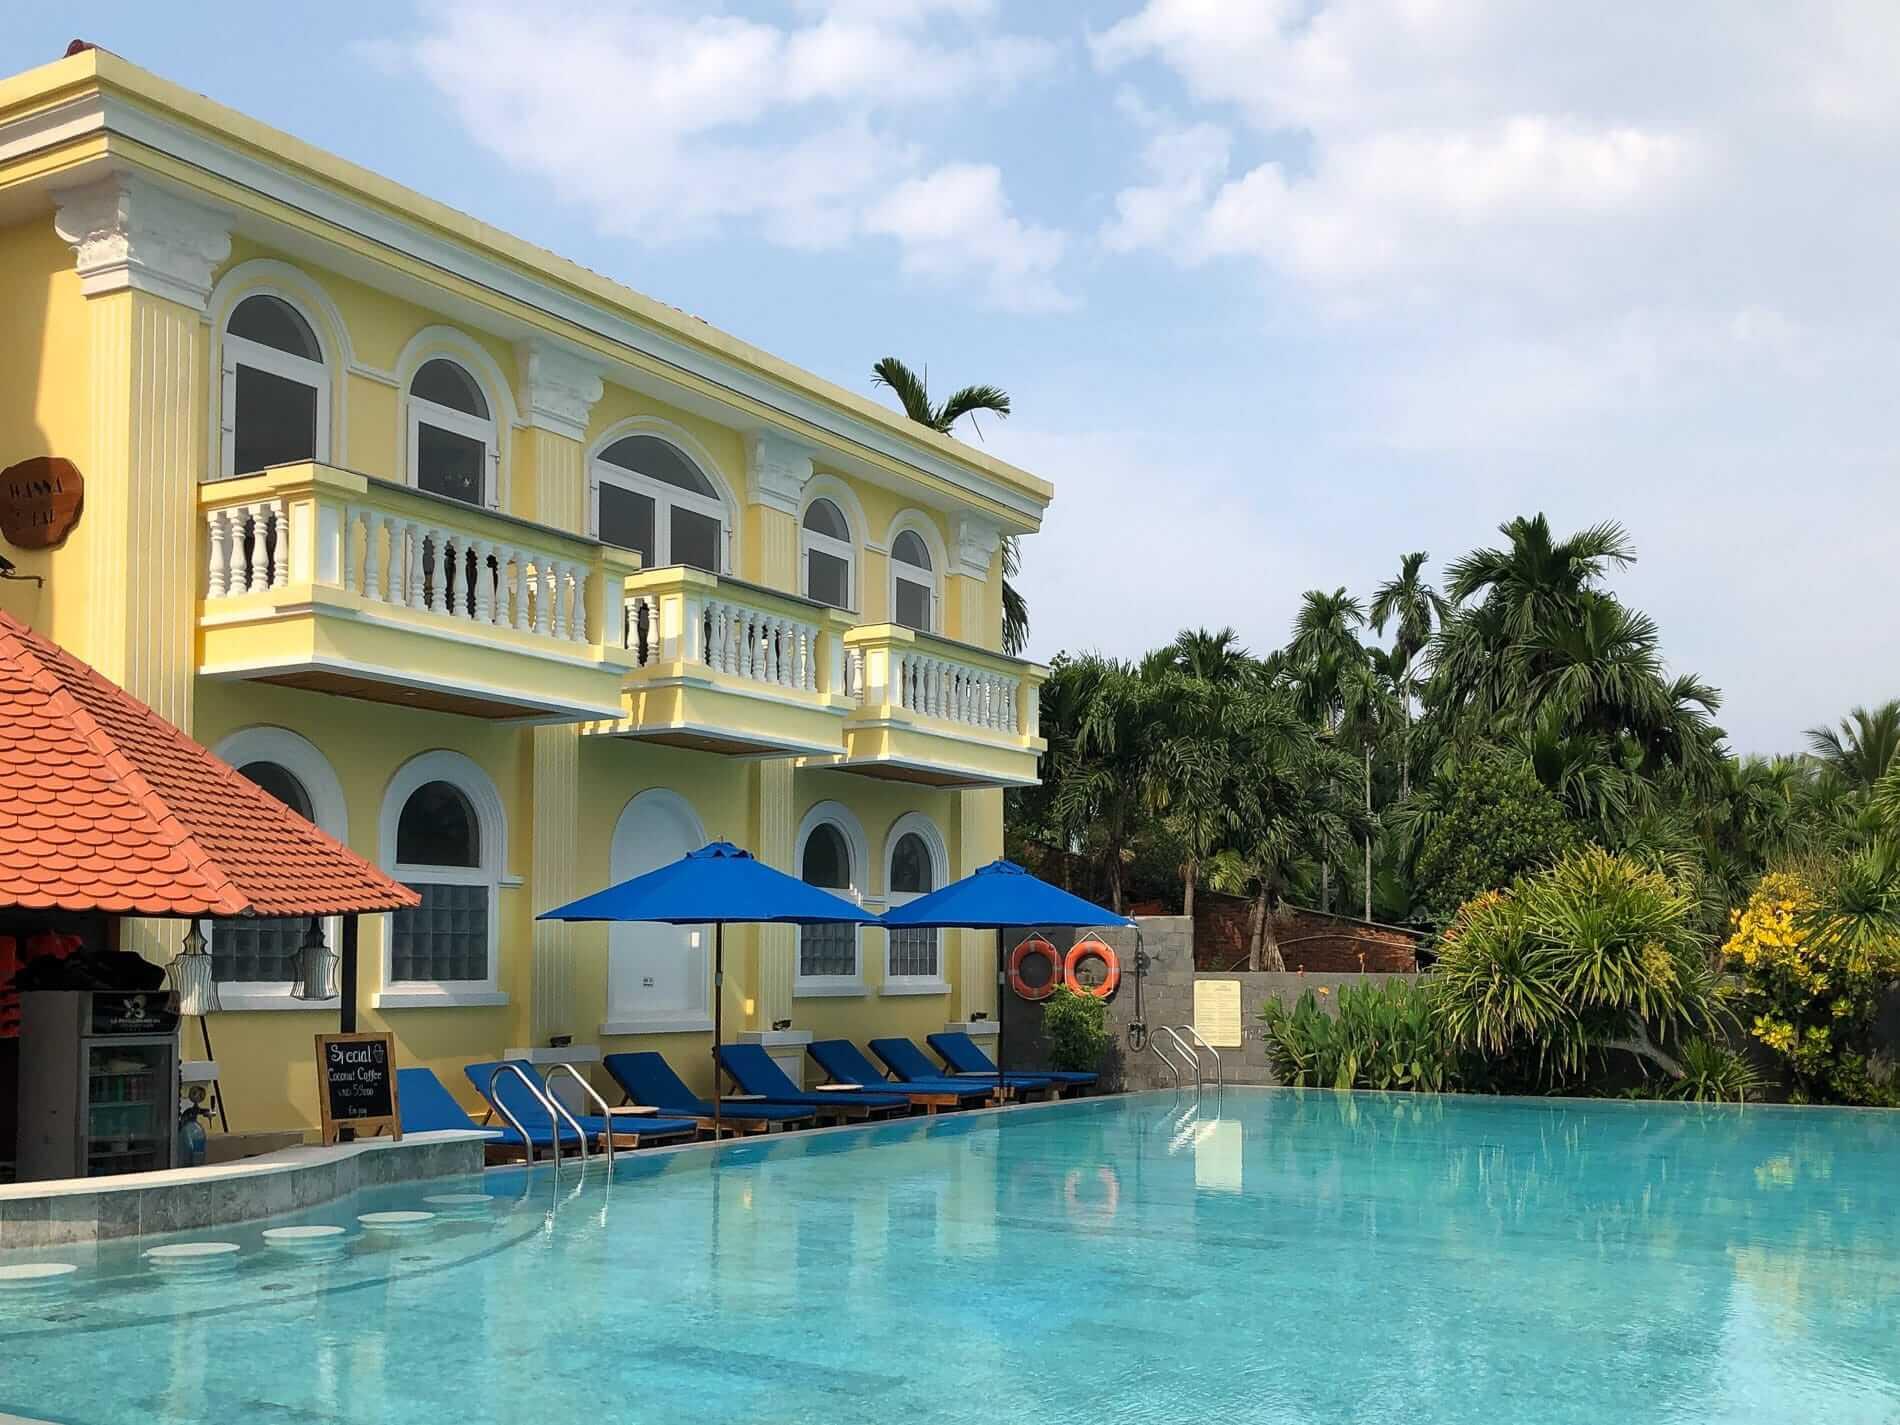 Le Pavillon poolside